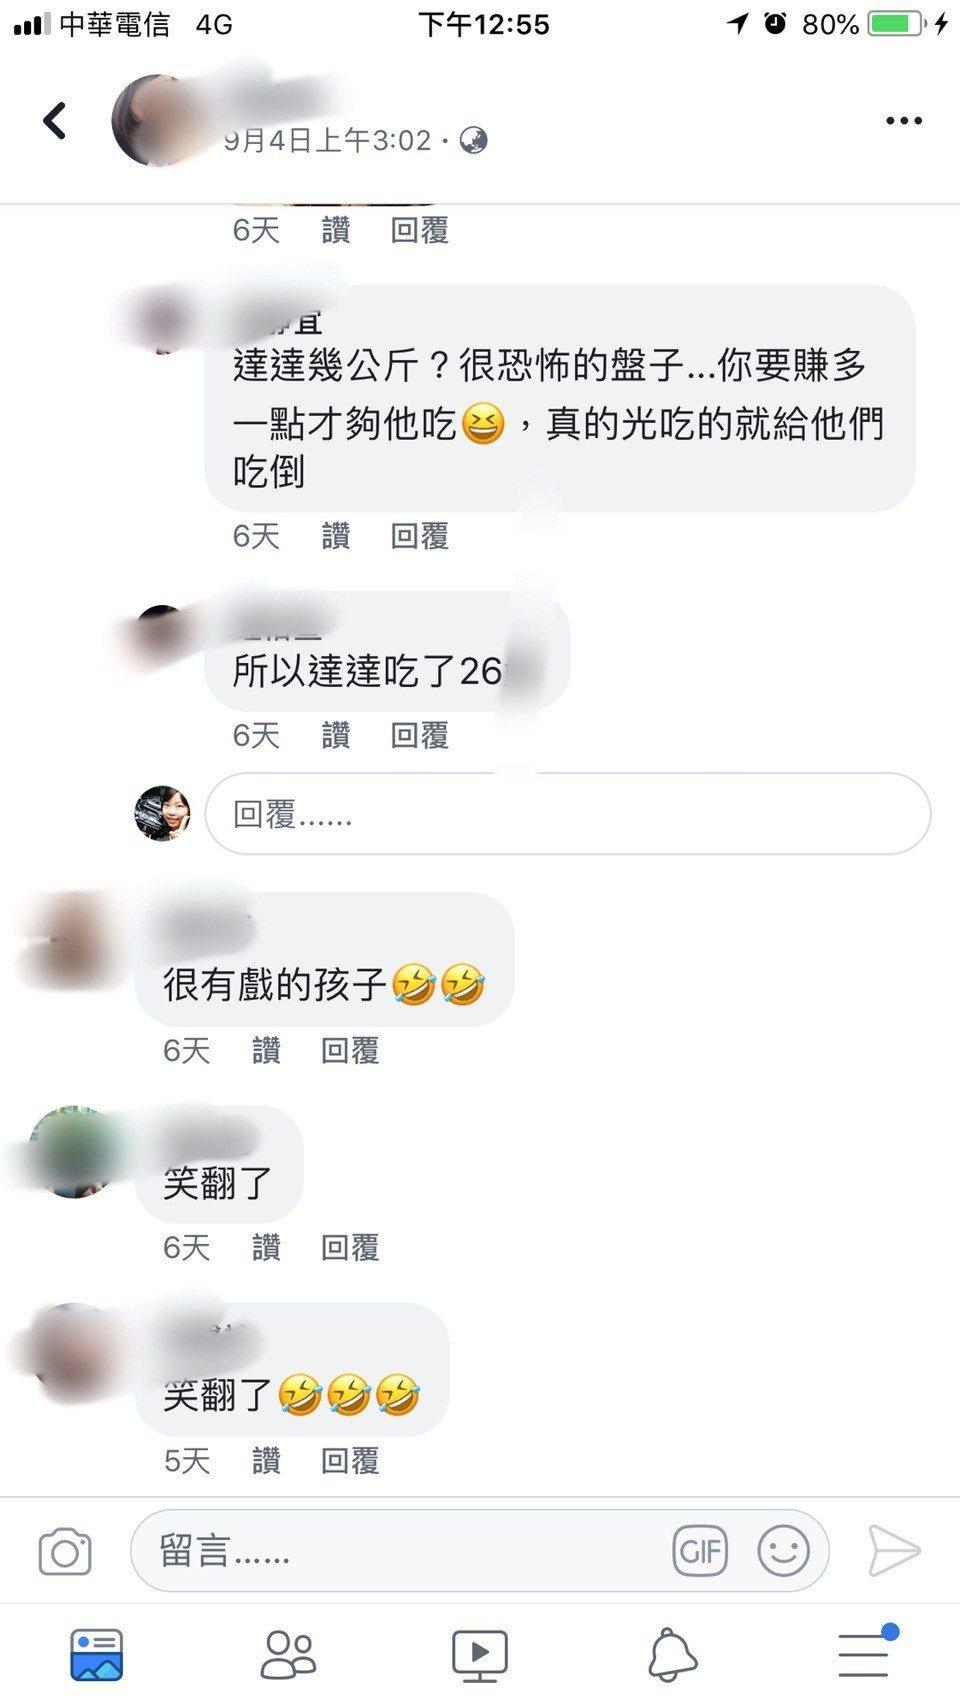 國小開學已一周,雲林縣有位媽媽日前在臉書PO出兒子的開學心得,只見文中寫著「兩個...